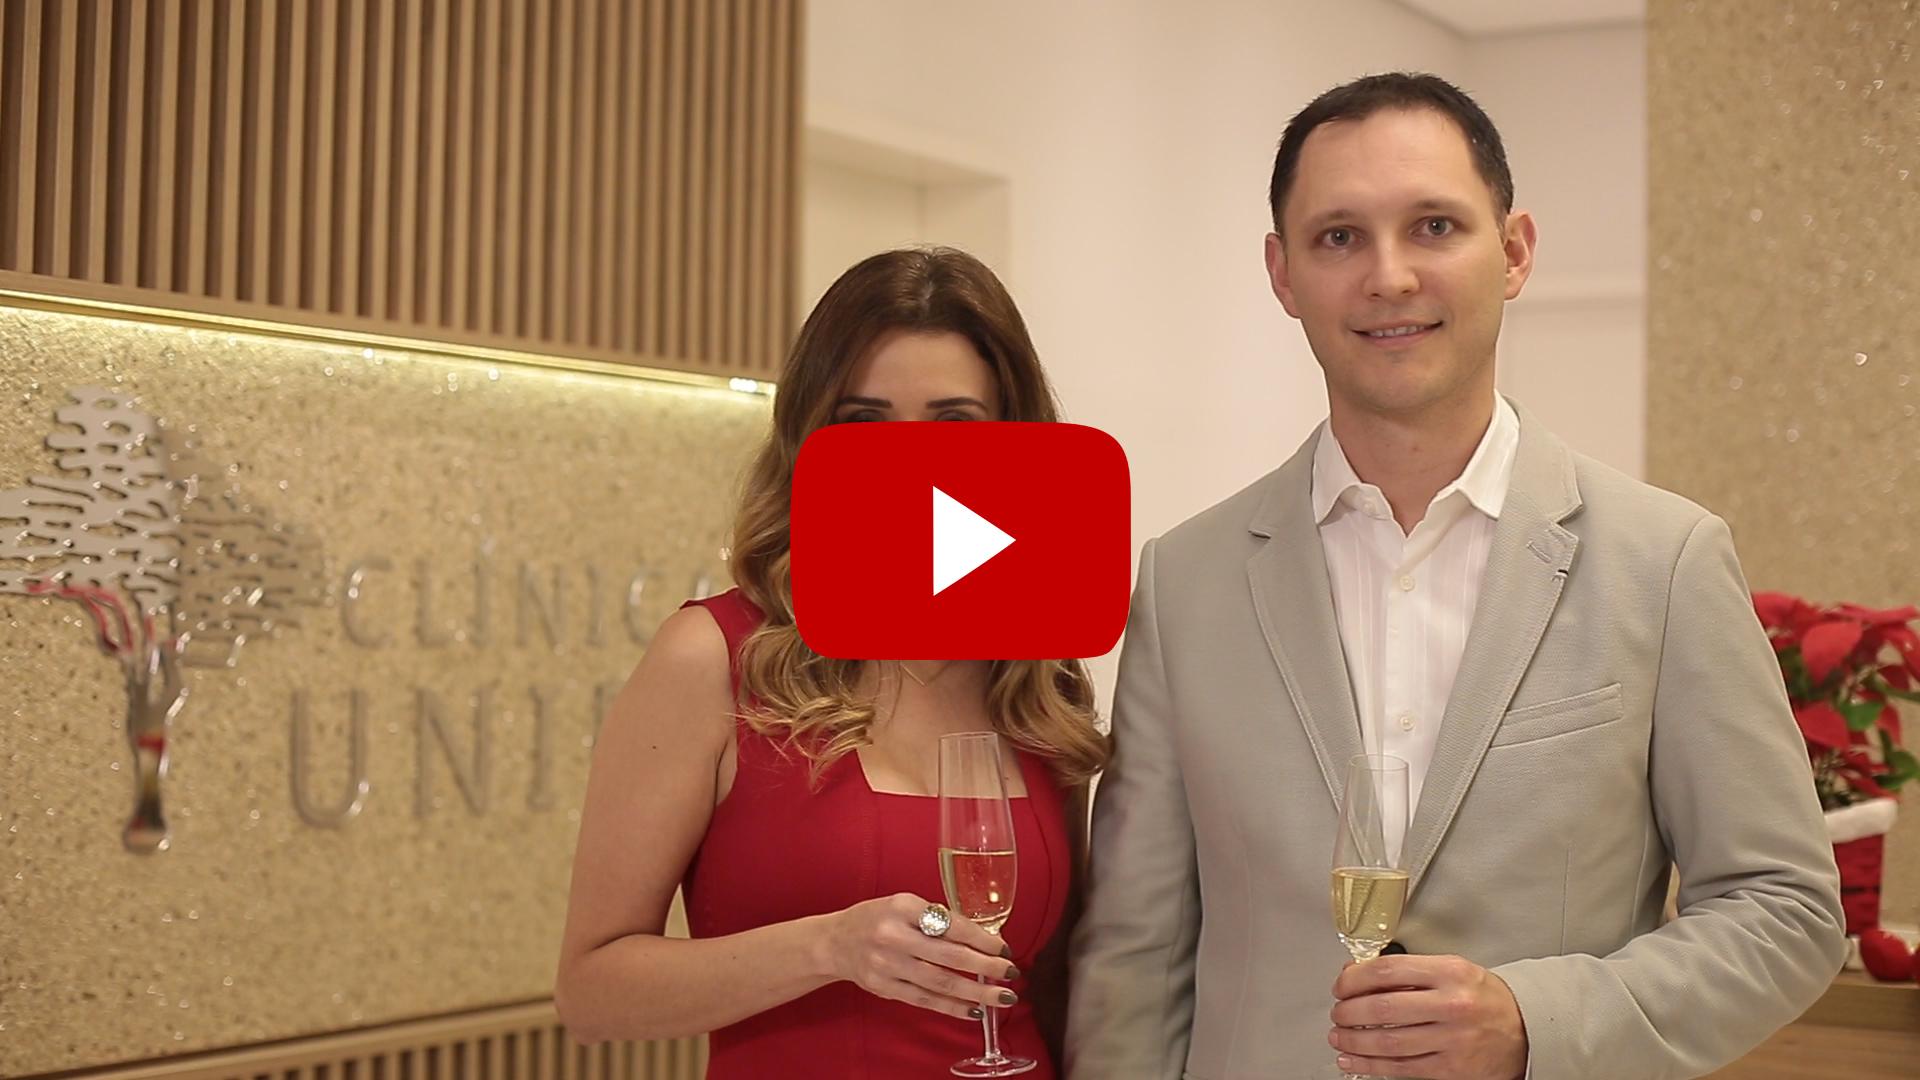 Dra. Paola e Dr. André, em frente ao logotipo de clínica Unire, desejam boas festas.